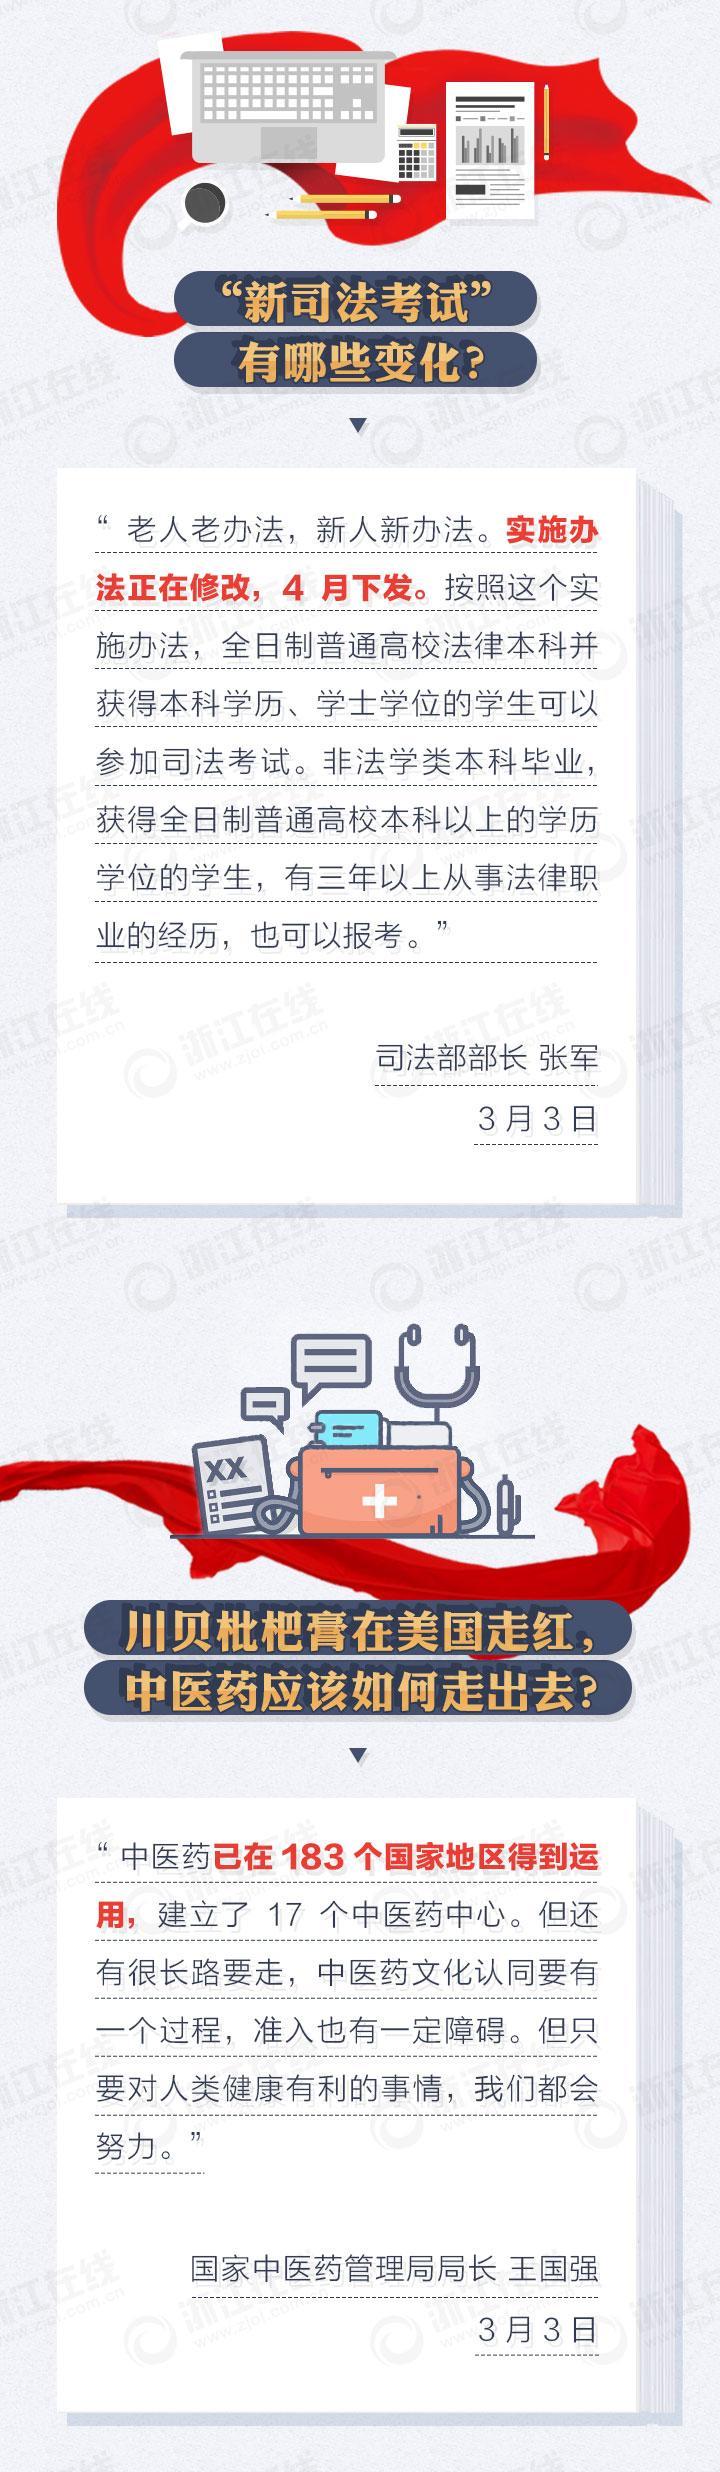 部长通道问部长-zaixian_05.jpg